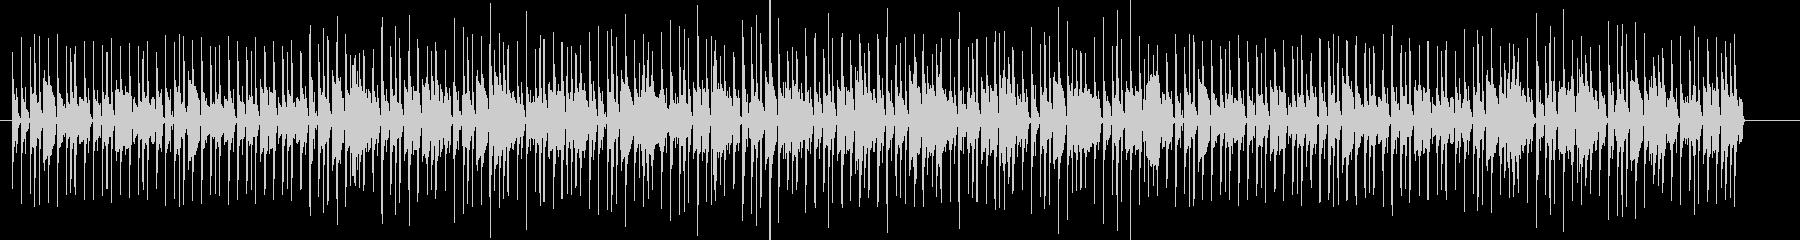 響きが強くテンポの速いメロディーの未再生の波形